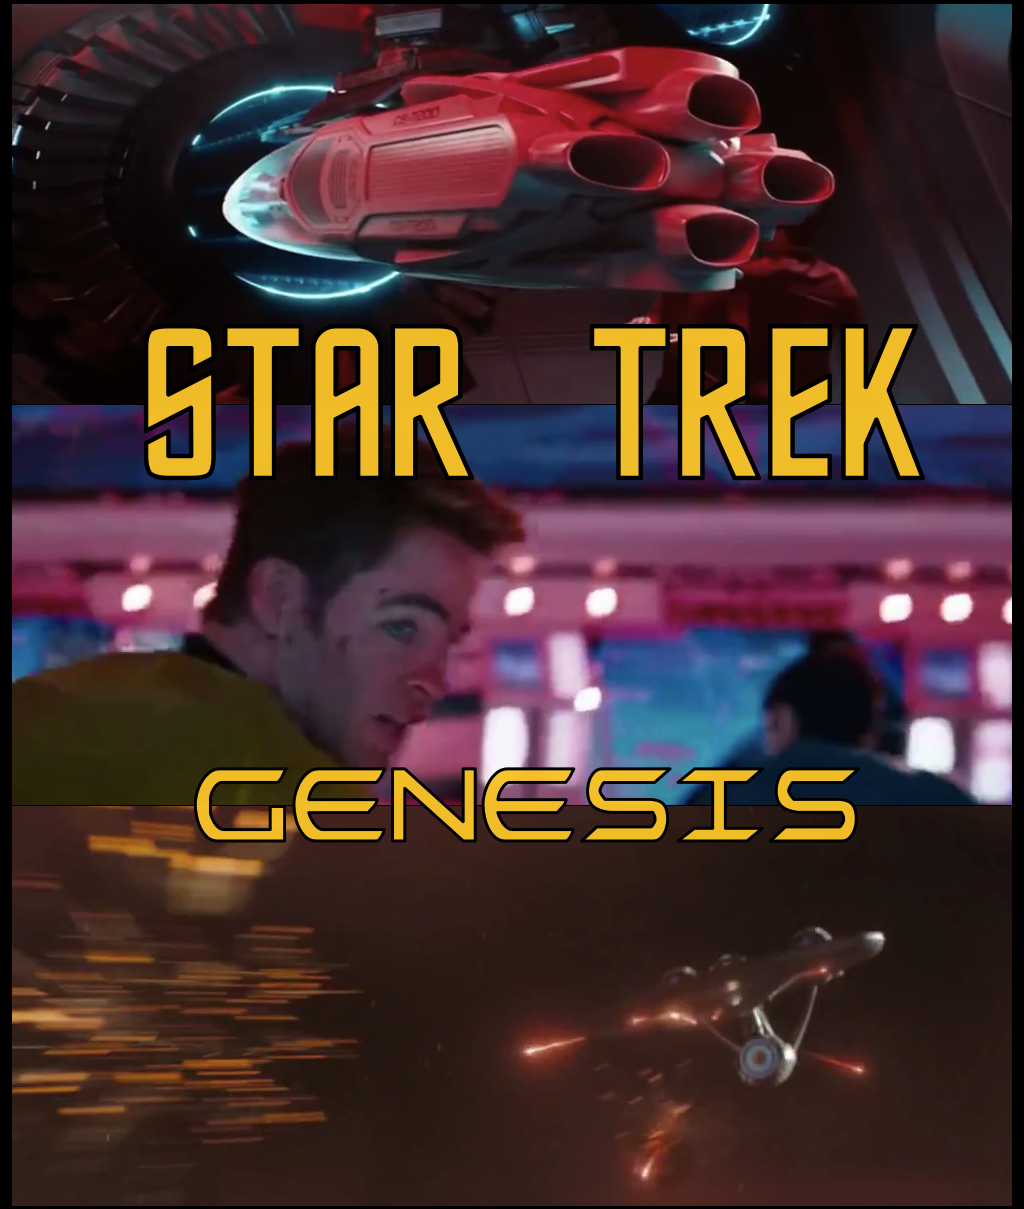 Genesis (Part 2) by Crazy3ddie